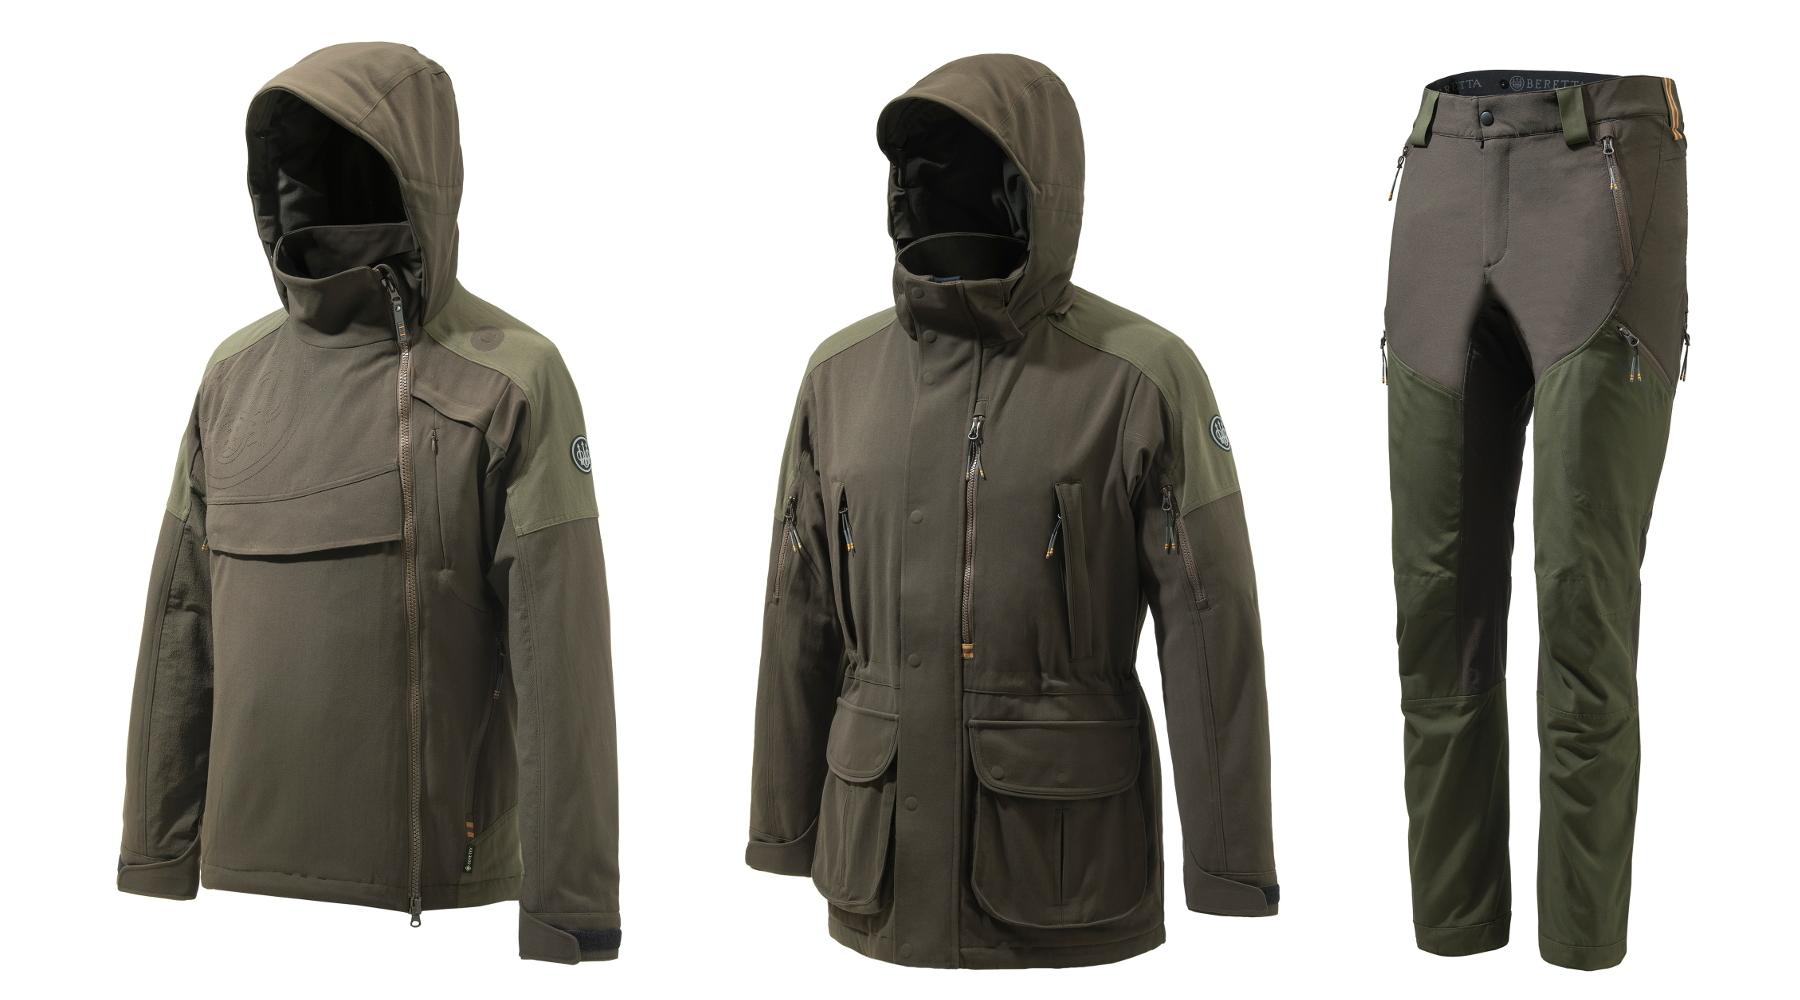 Abbigliamento per la caccia alla cerca, la nuova collezione di Beretta